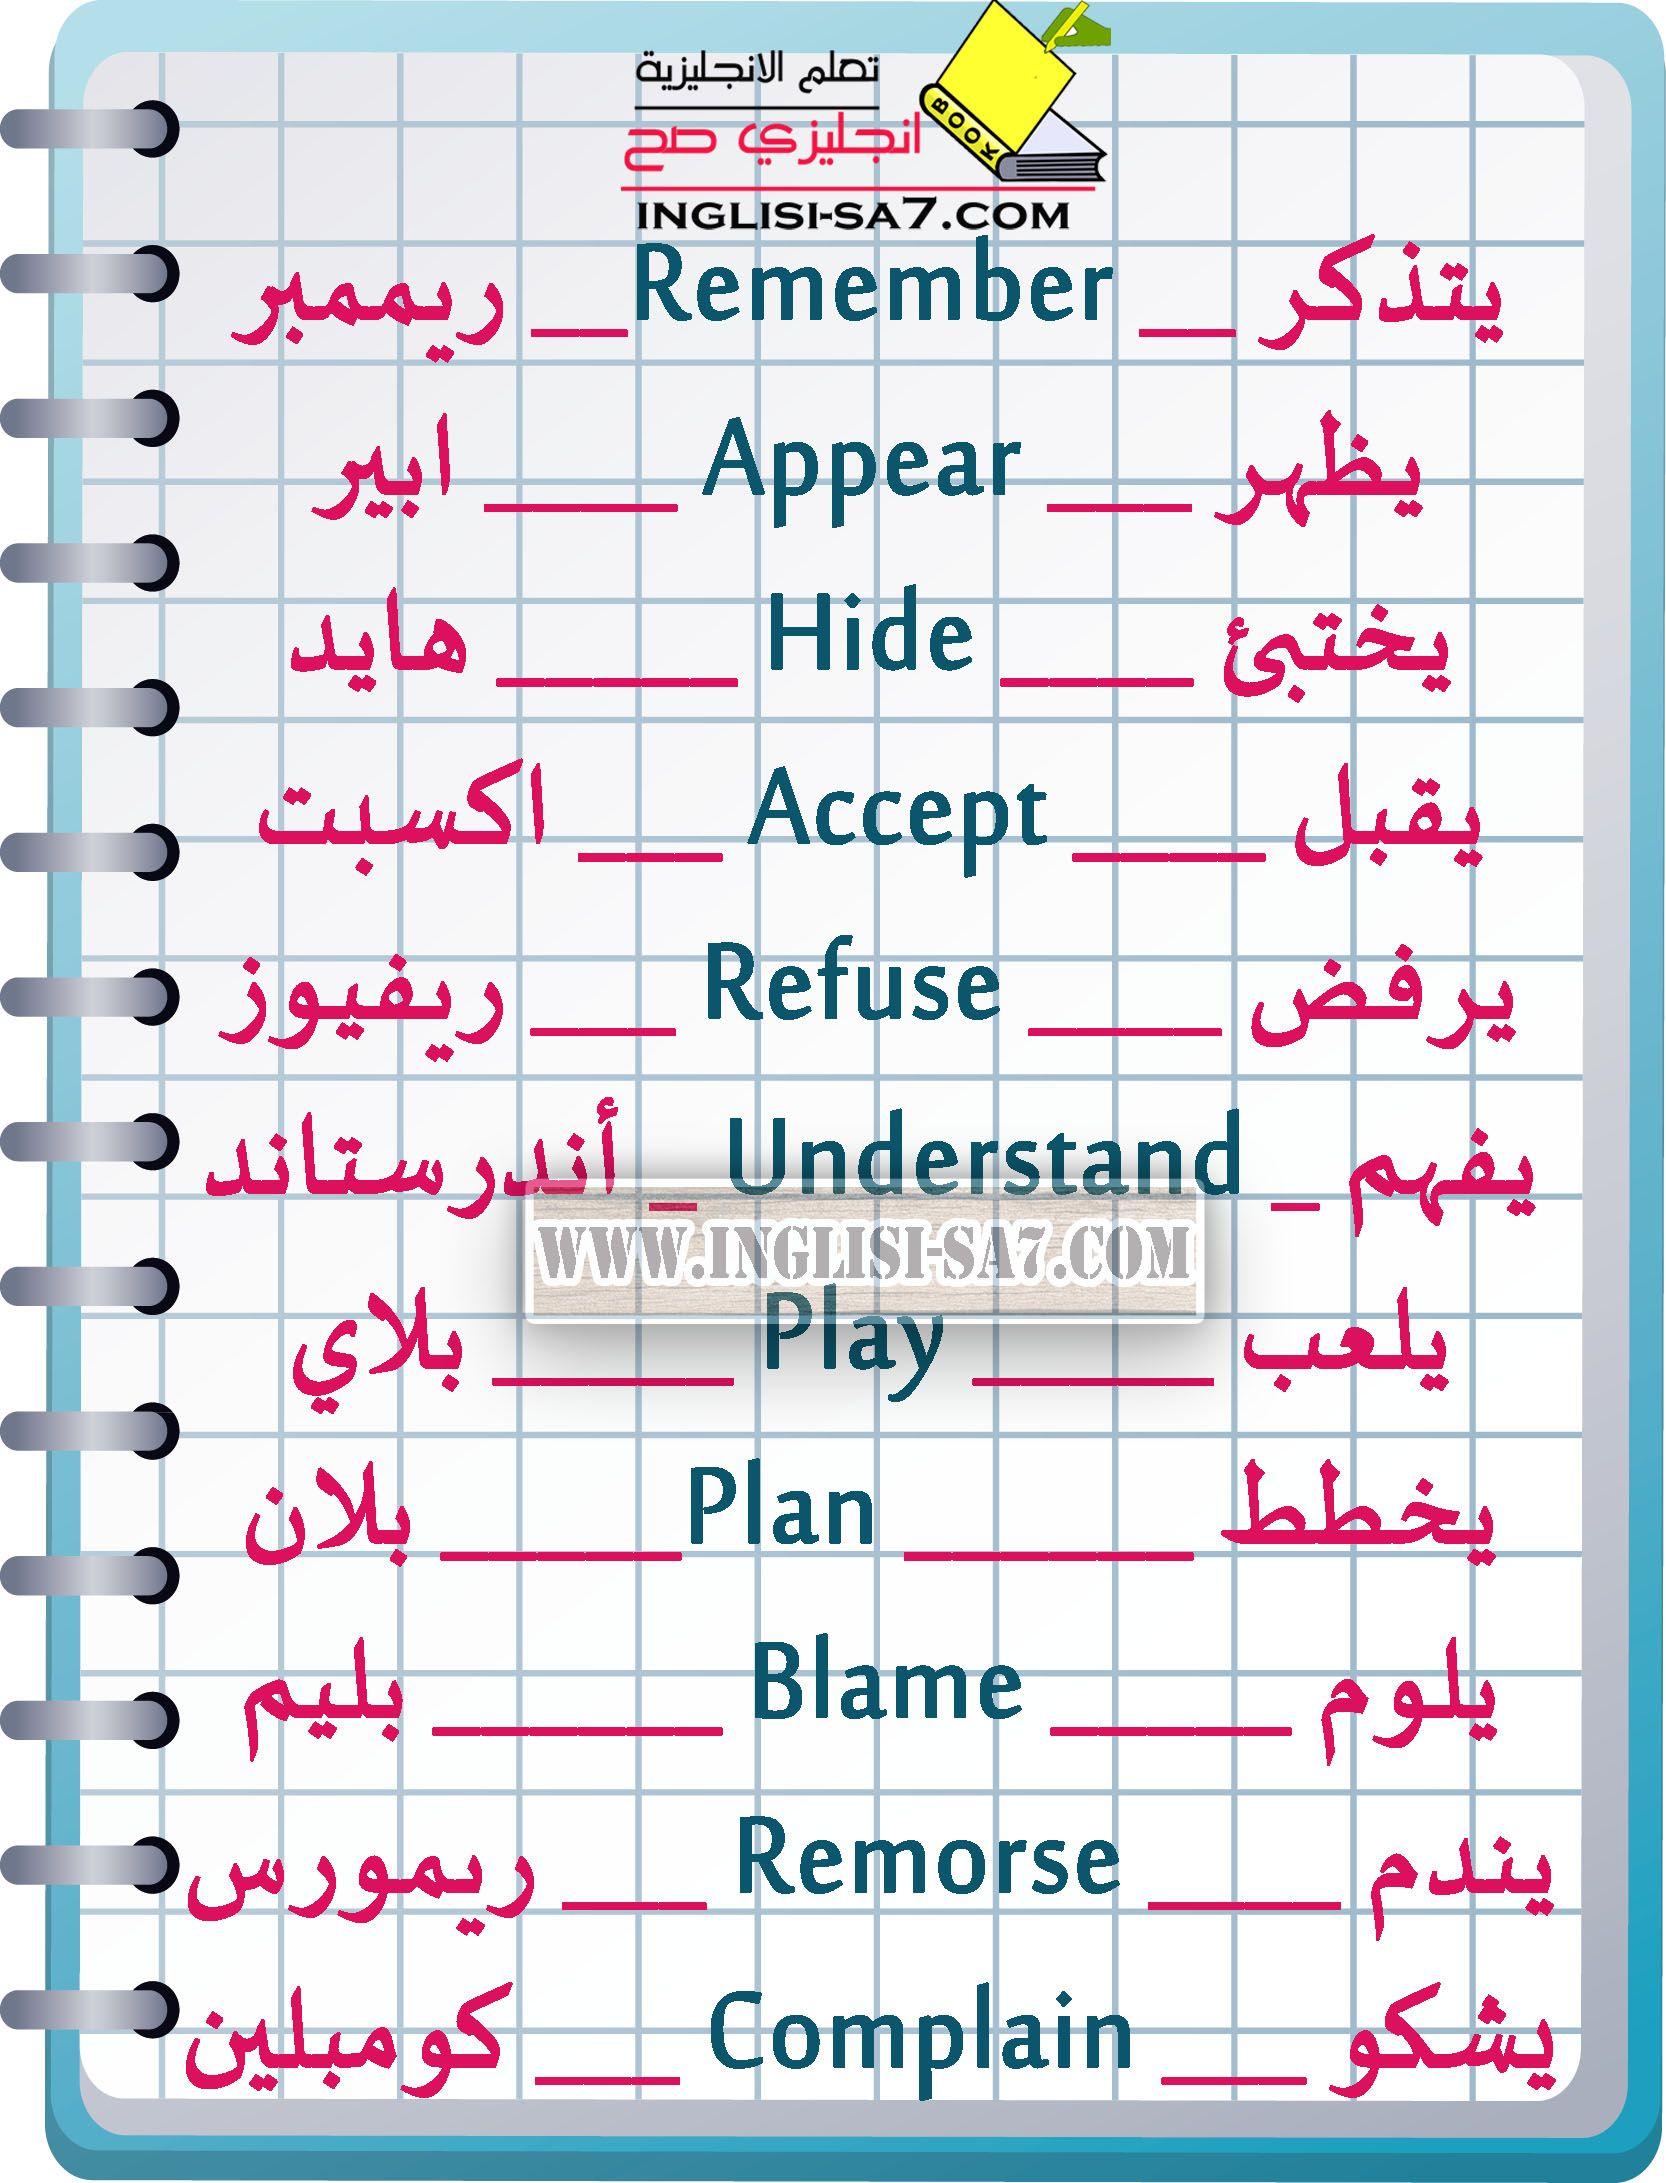 أفضل كتاب لتعلم اللغة الانجيزية من البيت دون معلم English Language Learning Grammar English Language Learning Learn English